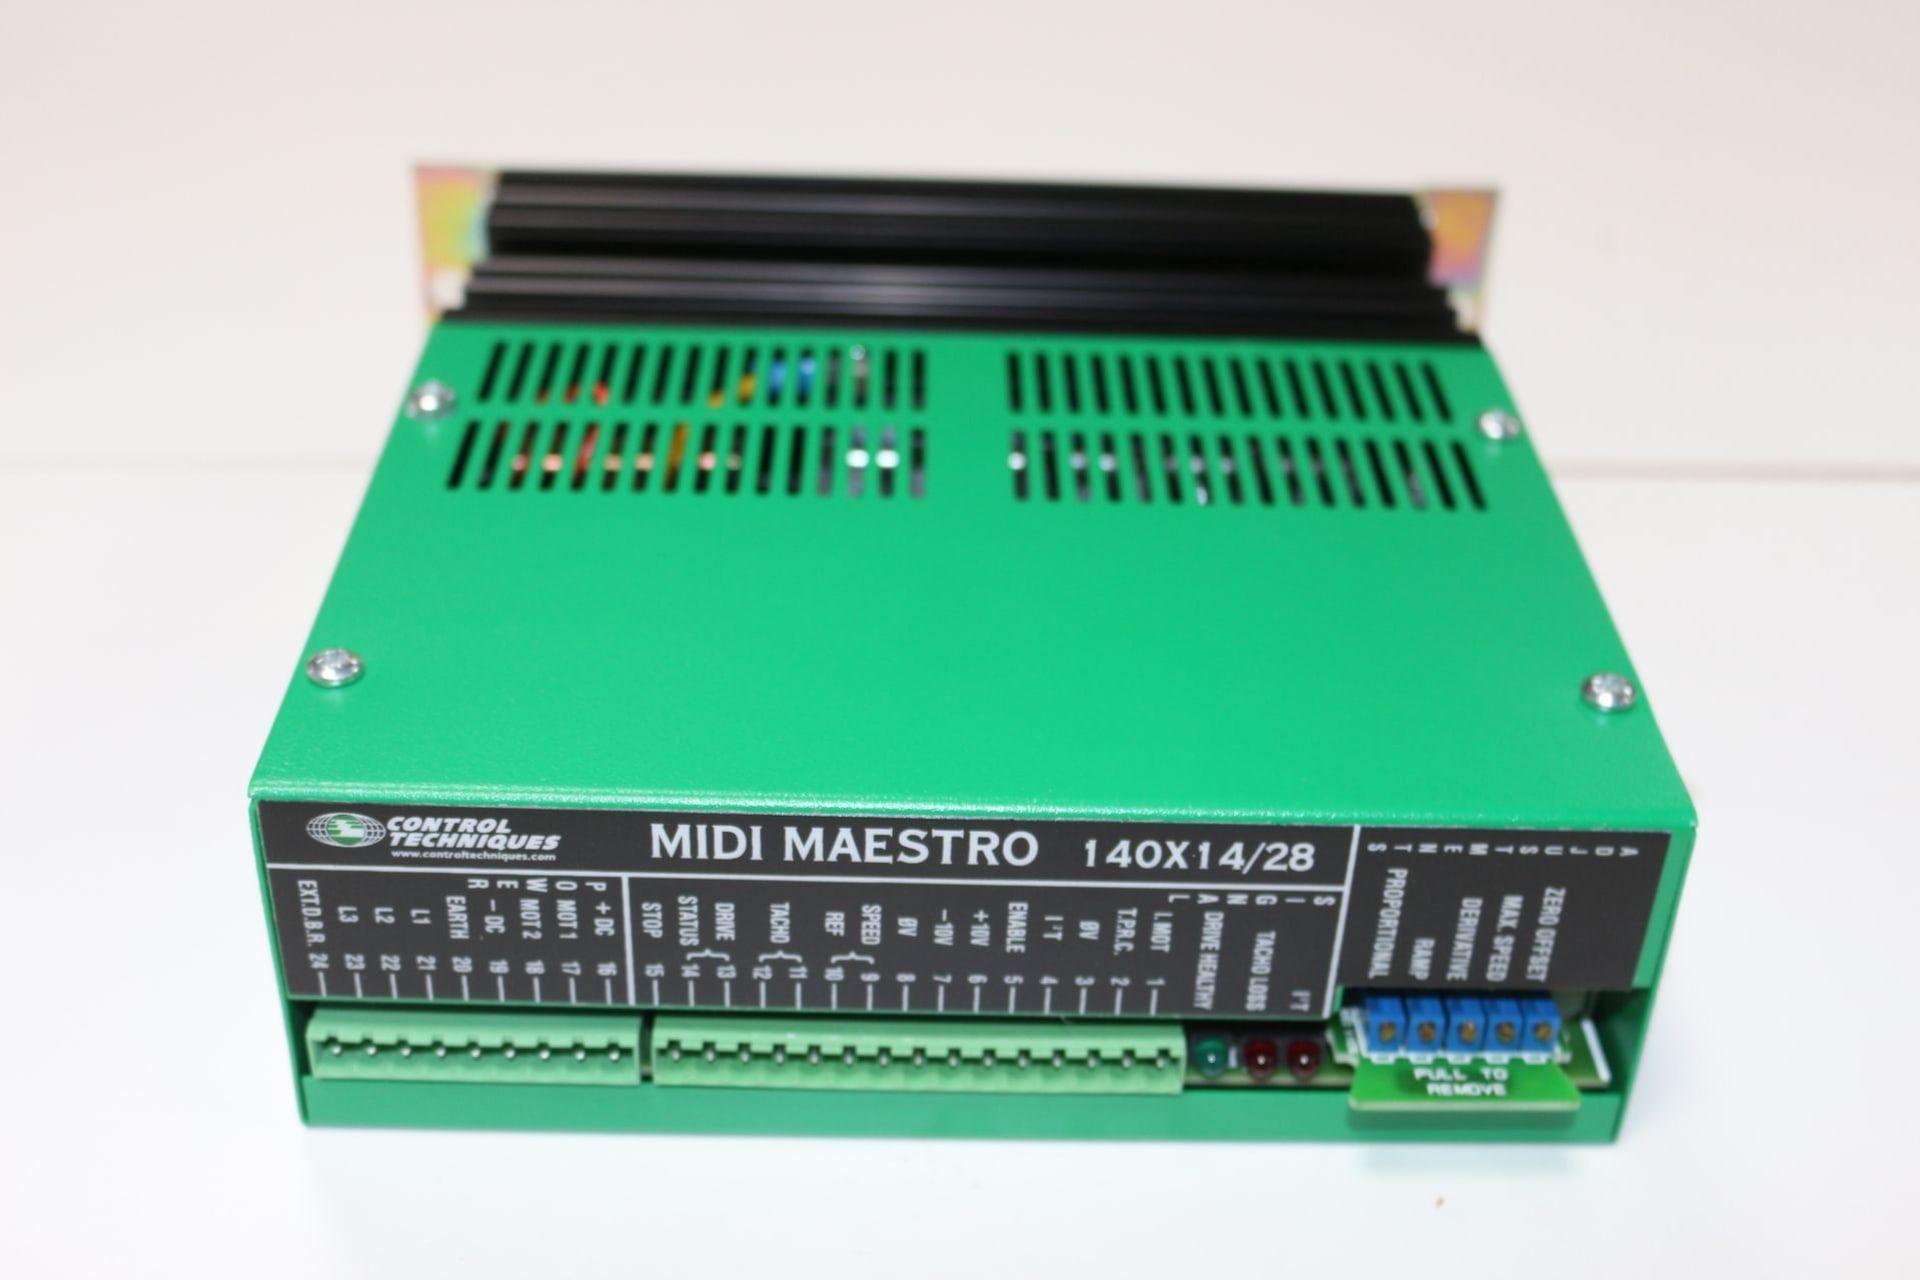 CONTROL TECHNIQUES MIDI-MAESTRO 140 x 14 / 28 Posten Servoantriebe